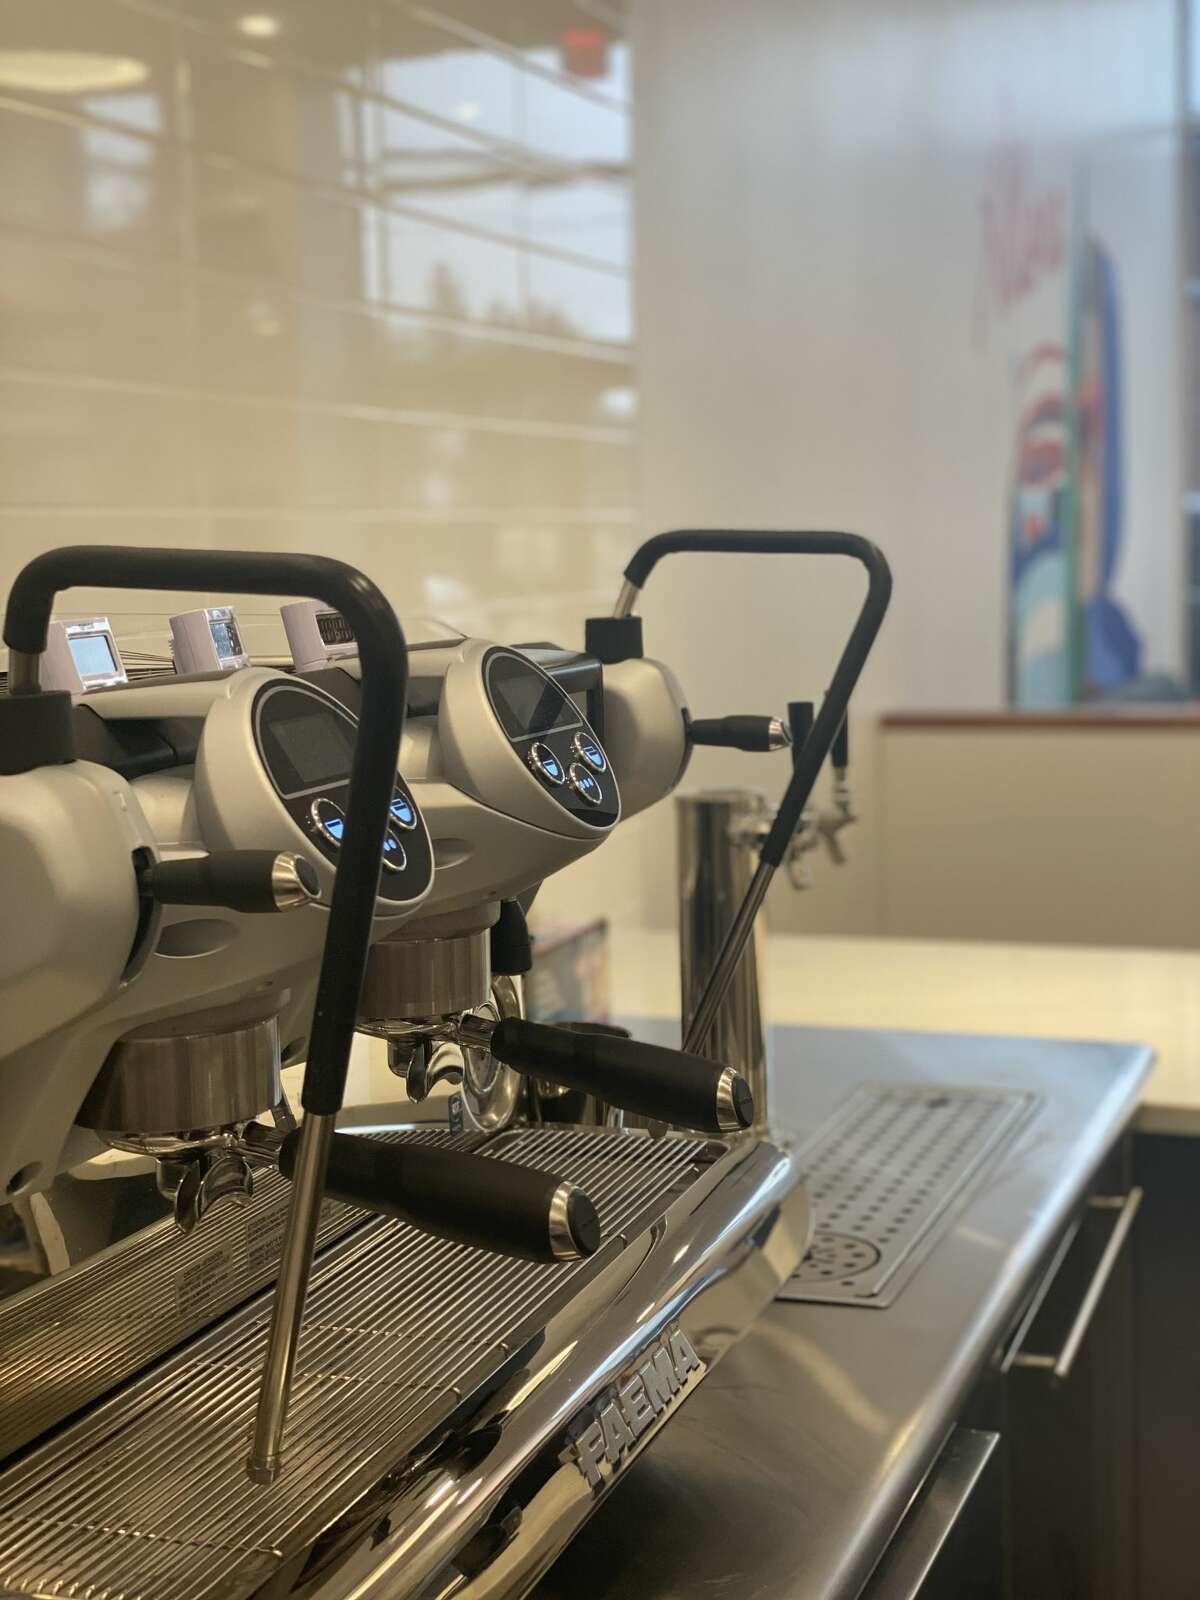 Espresso machine at Allora Coffee & Bites.